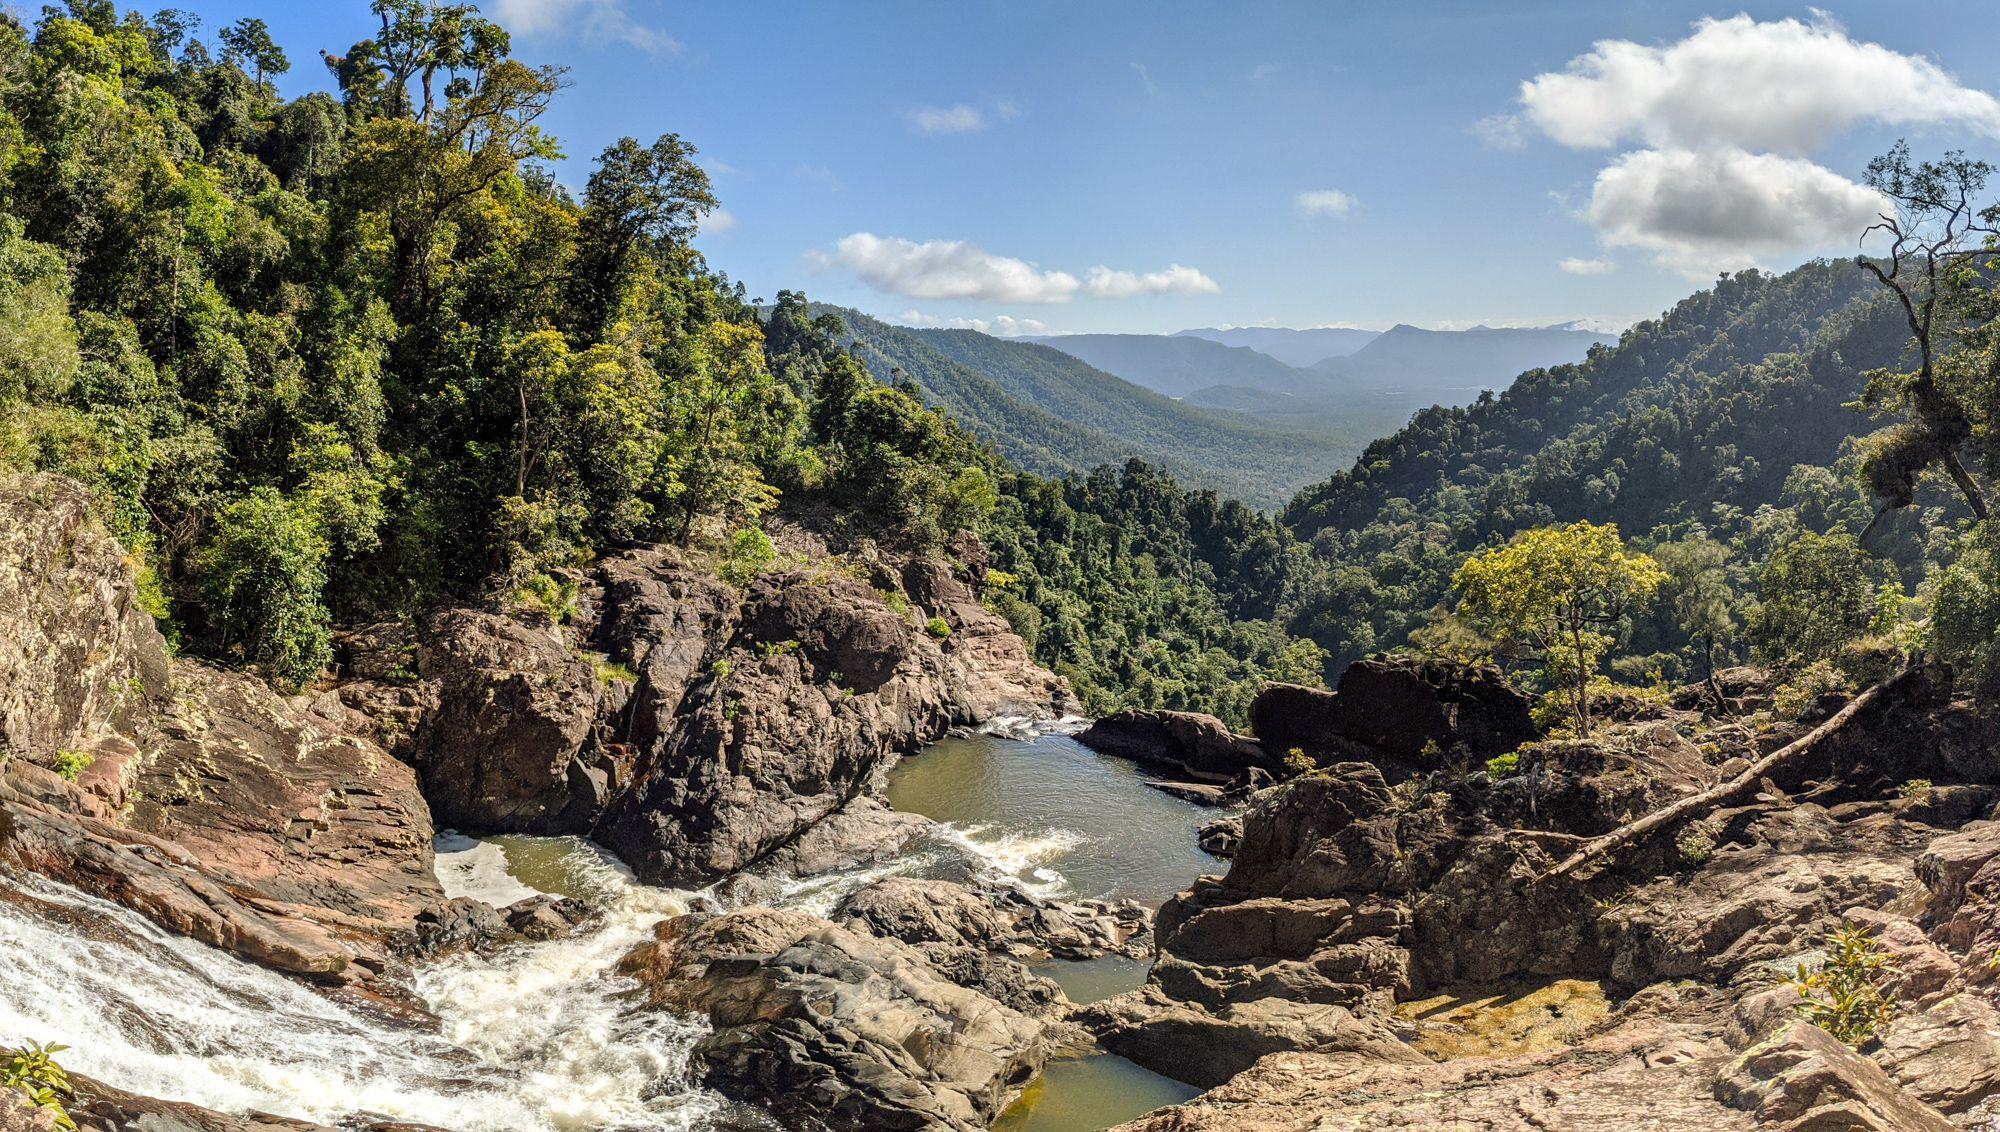 Top of Garrawalt Falls